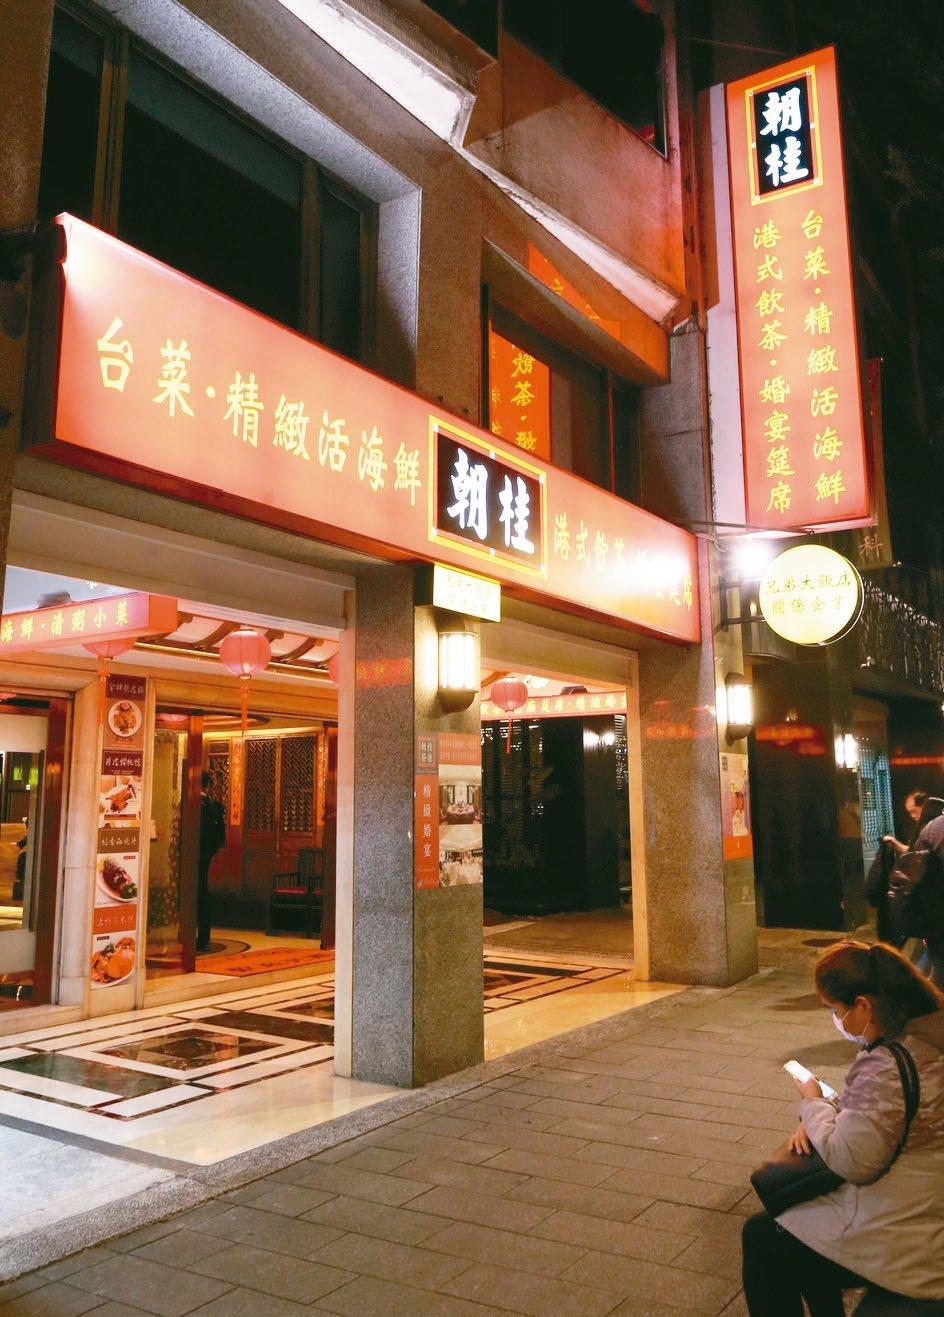 位於台北東區經營20餘年的朝桂餐廳傳即將熄燈。 記者侯永全/攝影